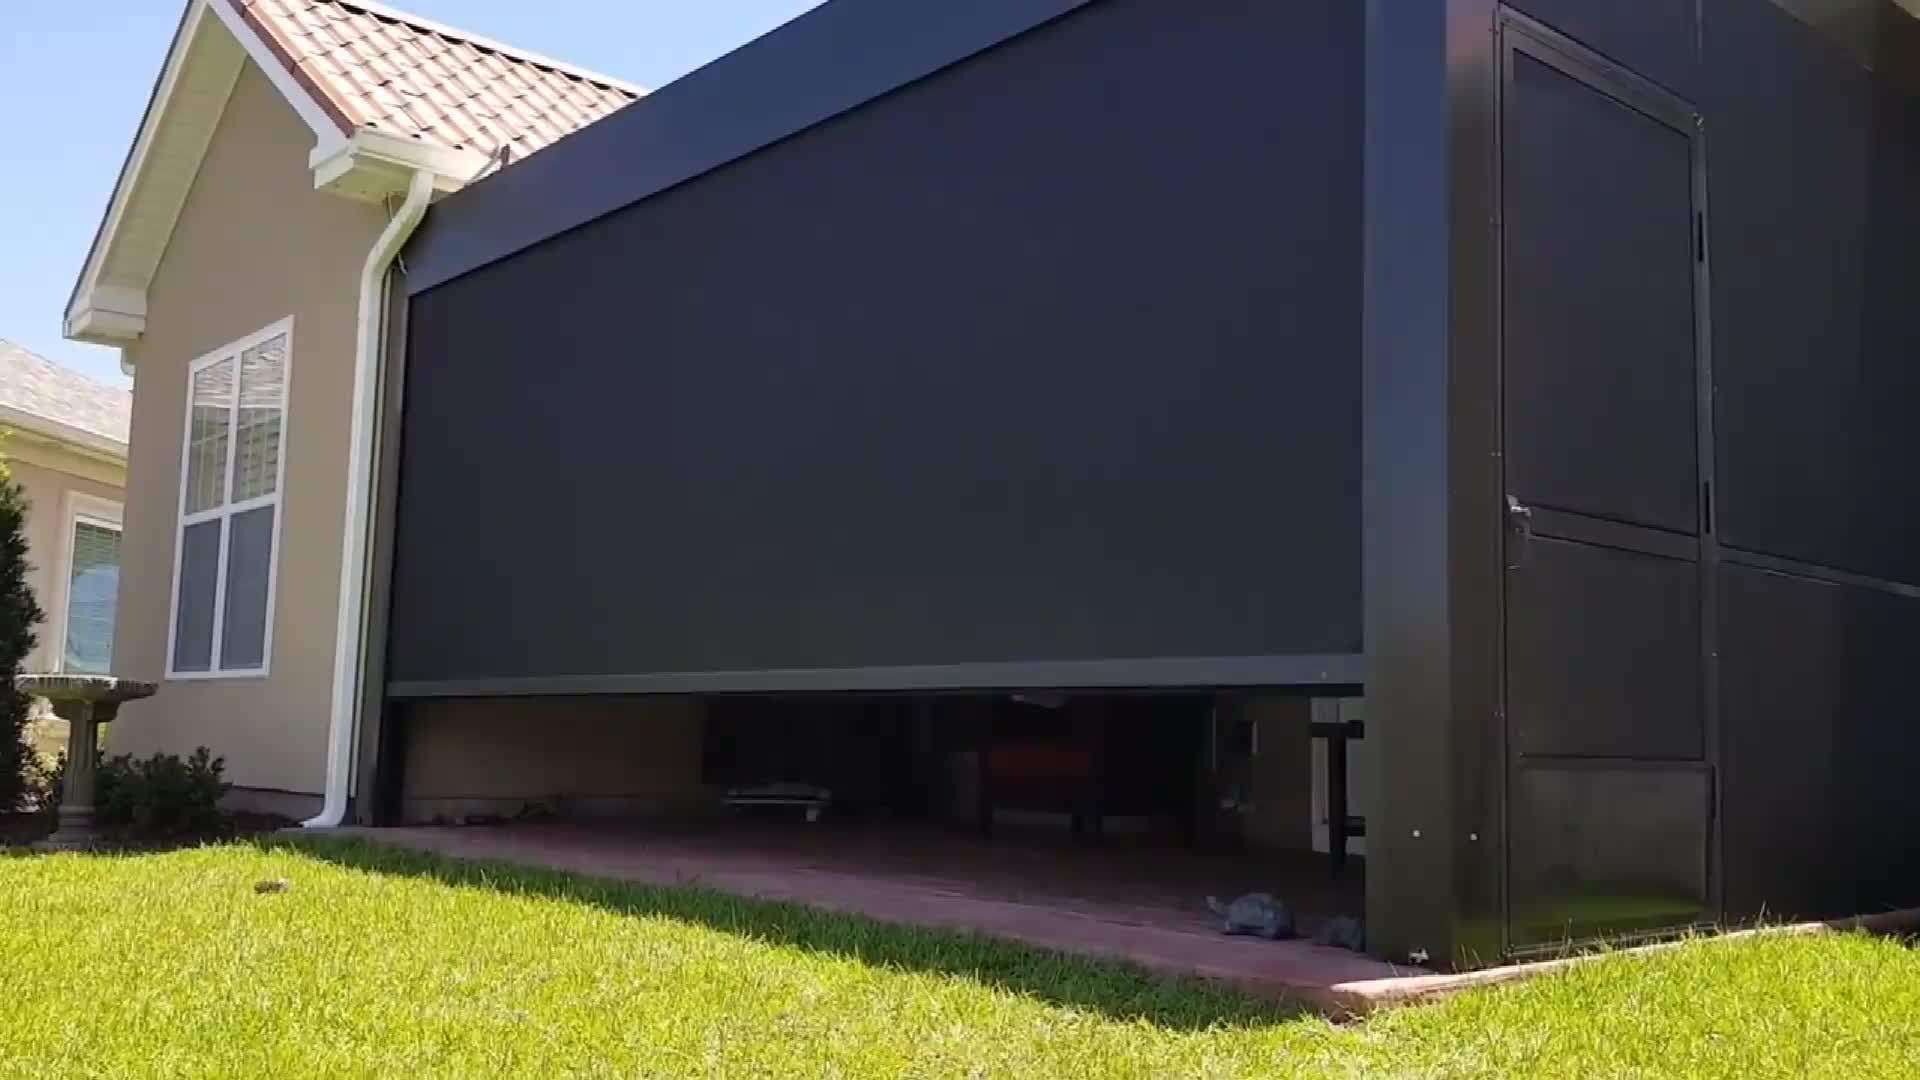 Motorizzato in metallo all'aperto gazebo impermeabile del tetto persiana in alluminio pergola kit 4x3